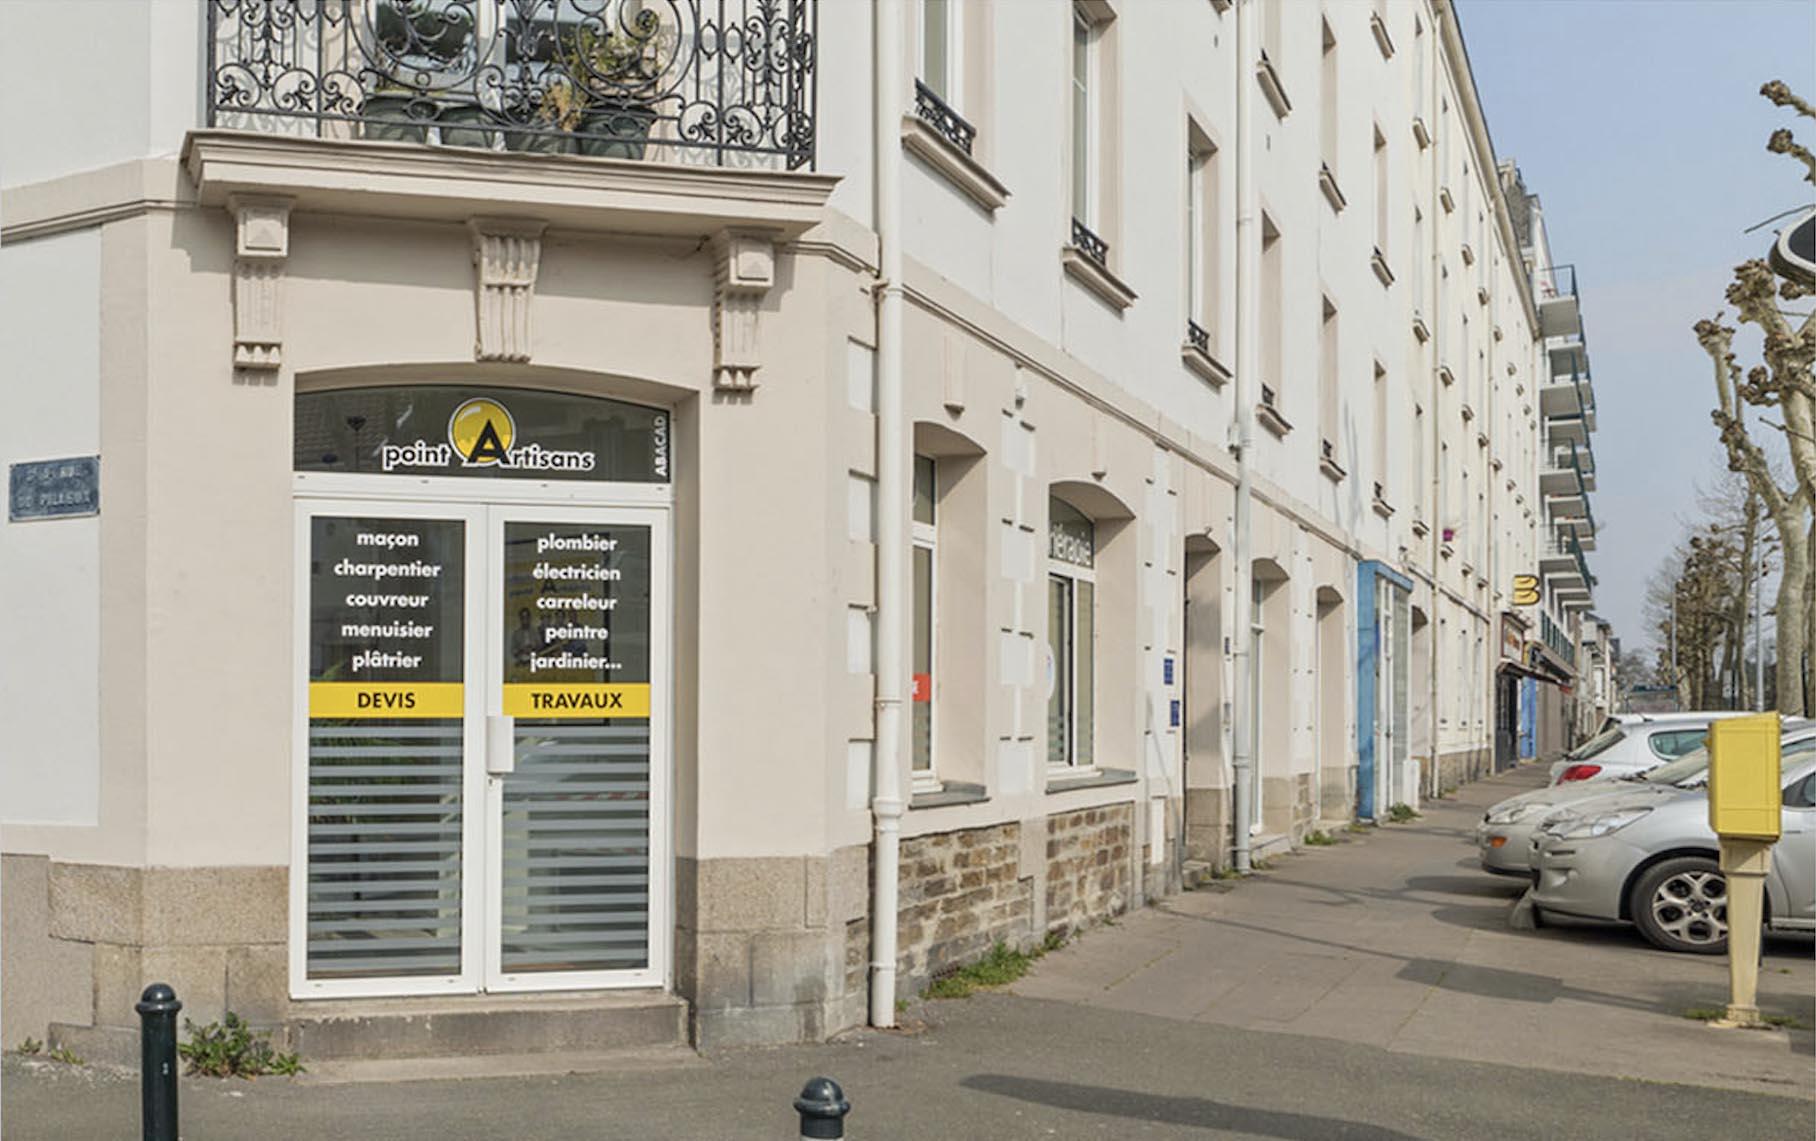 Agence Point Artisans Nantes